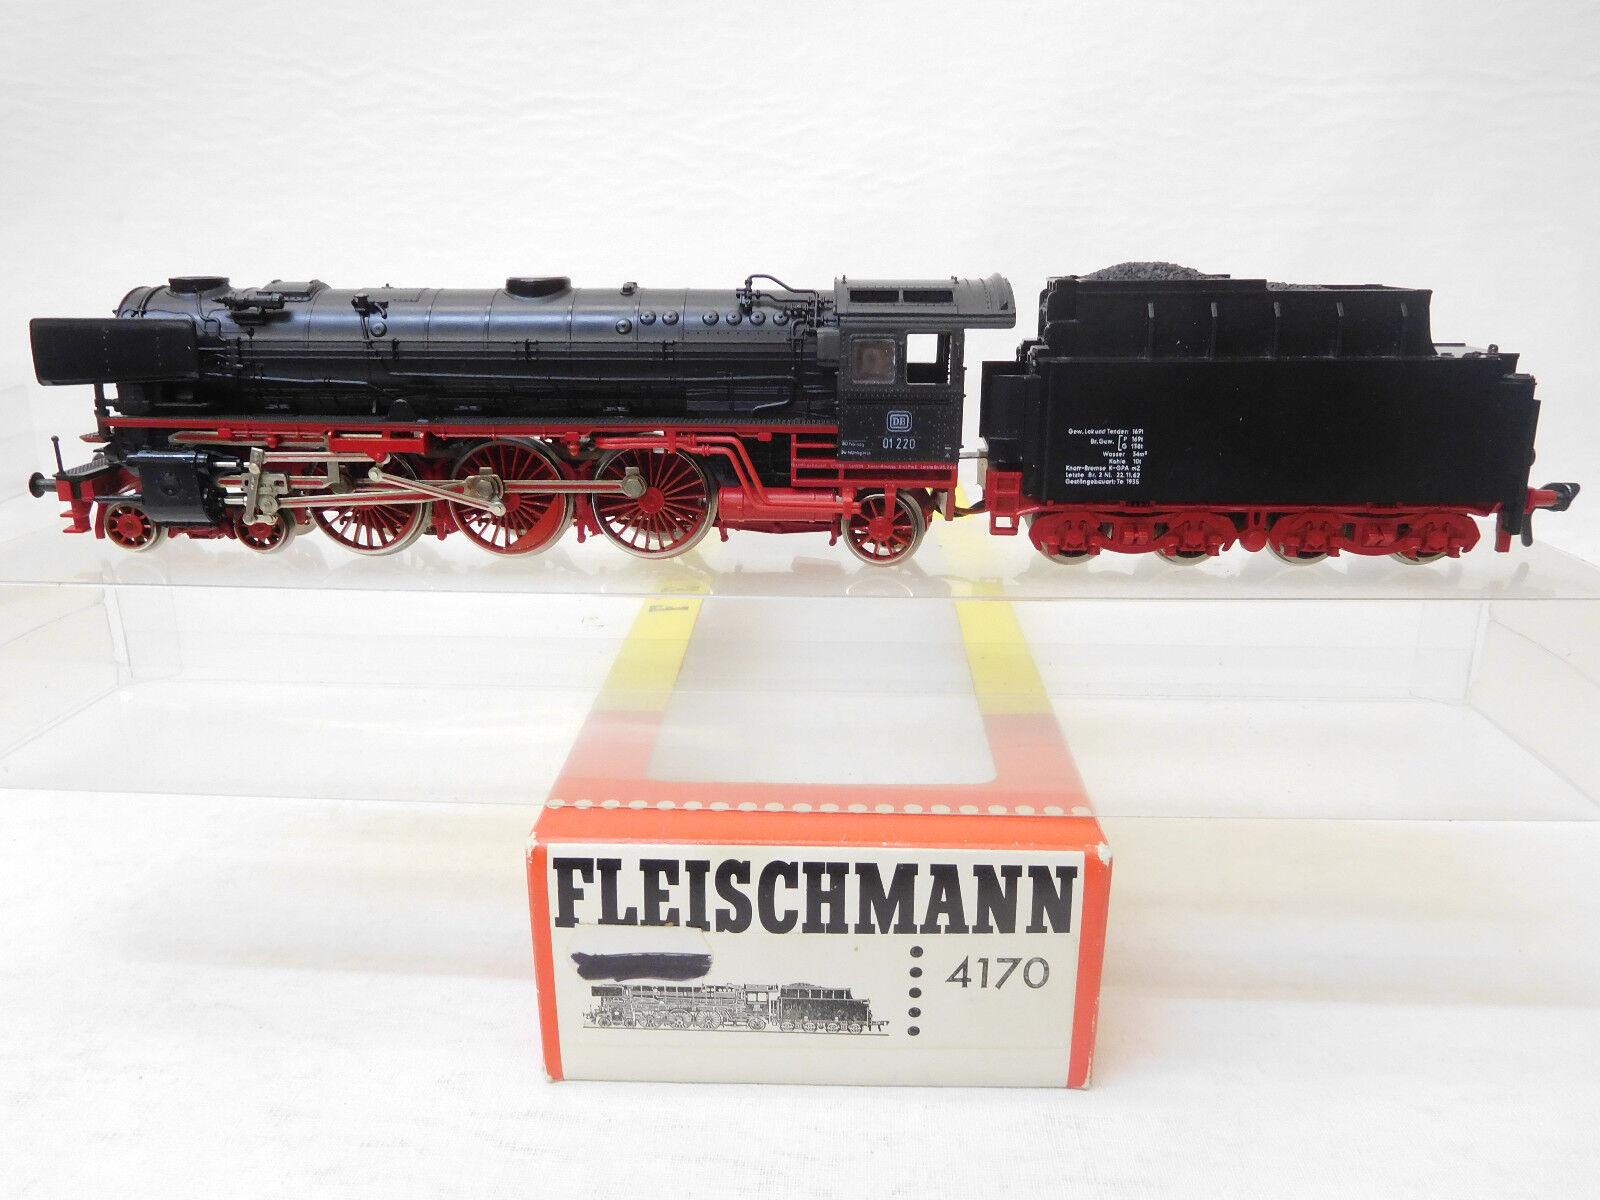 MES-53792 Fleischmann 4170 H0 Dampflok DB 01 220 sehr guter Zustand    Düsseldorf Eröffnung